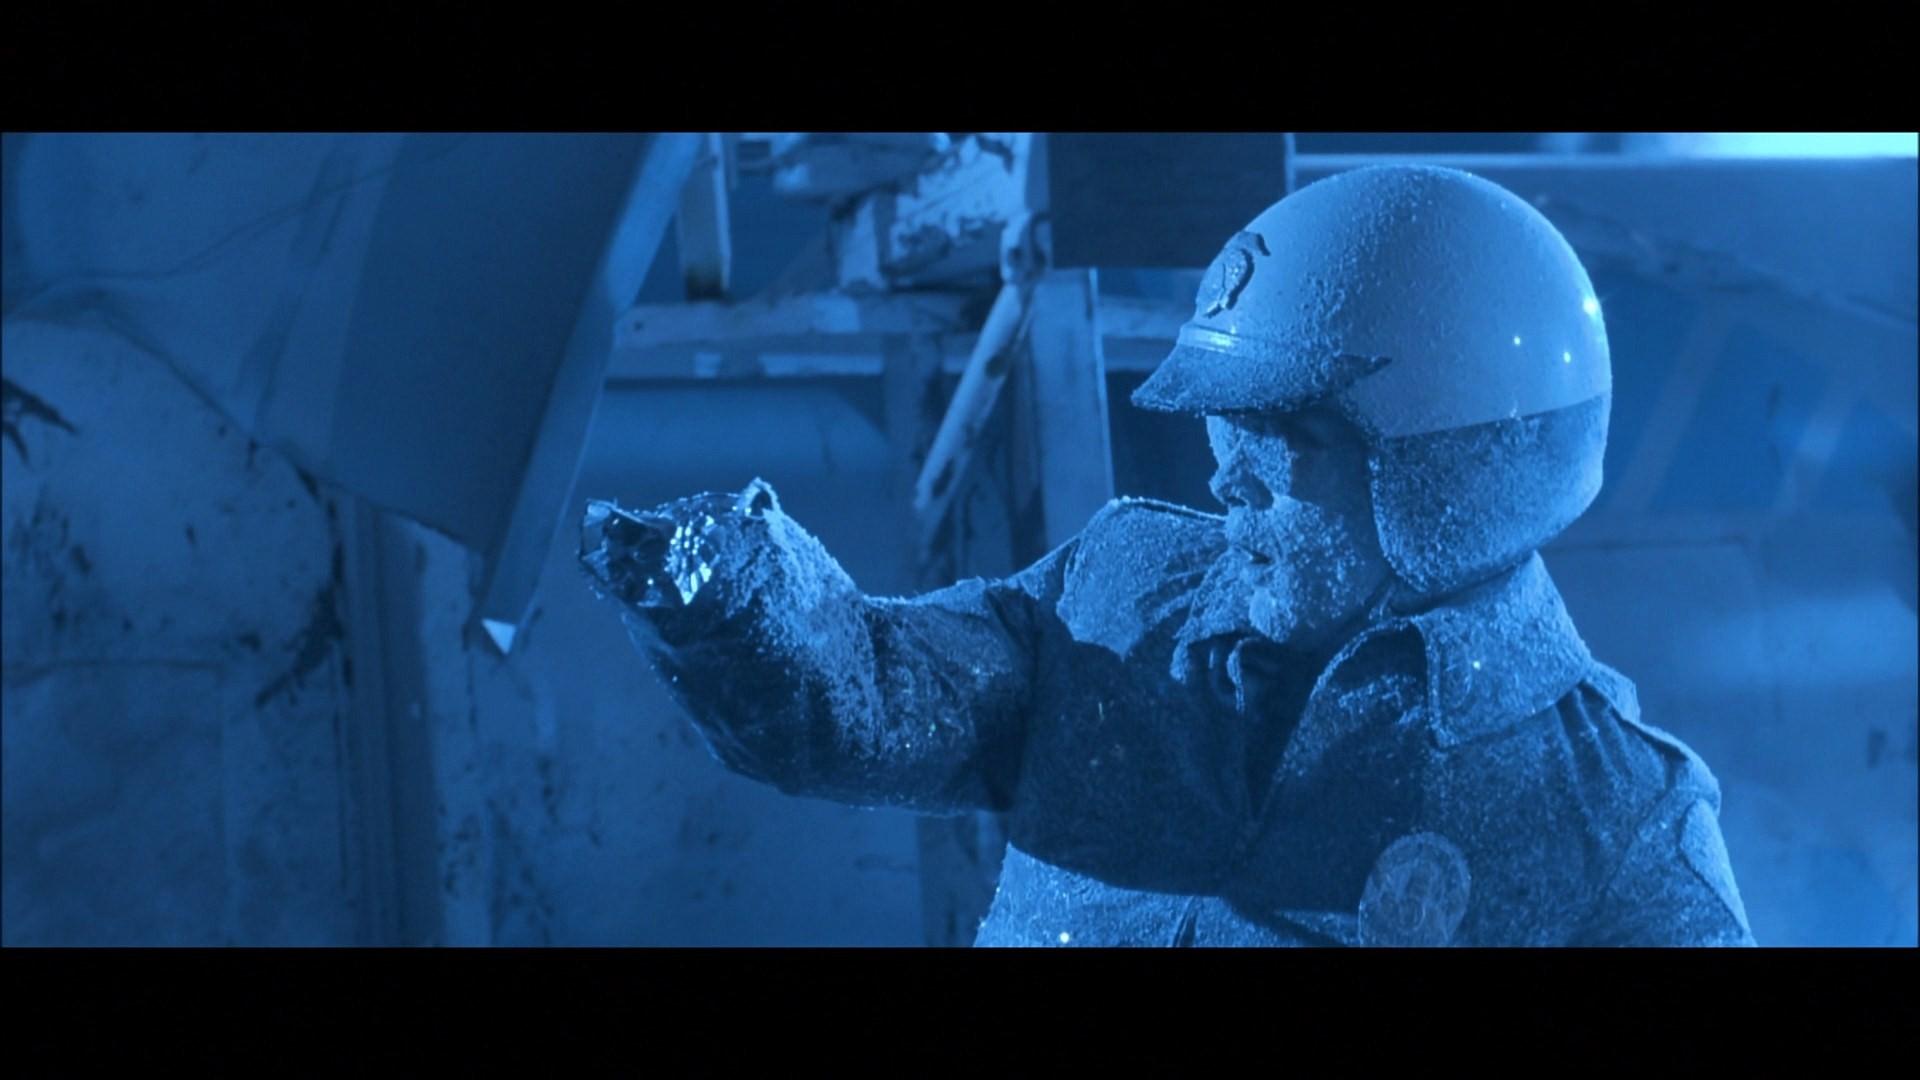 Terminator imag... T 1000 Terminator 2